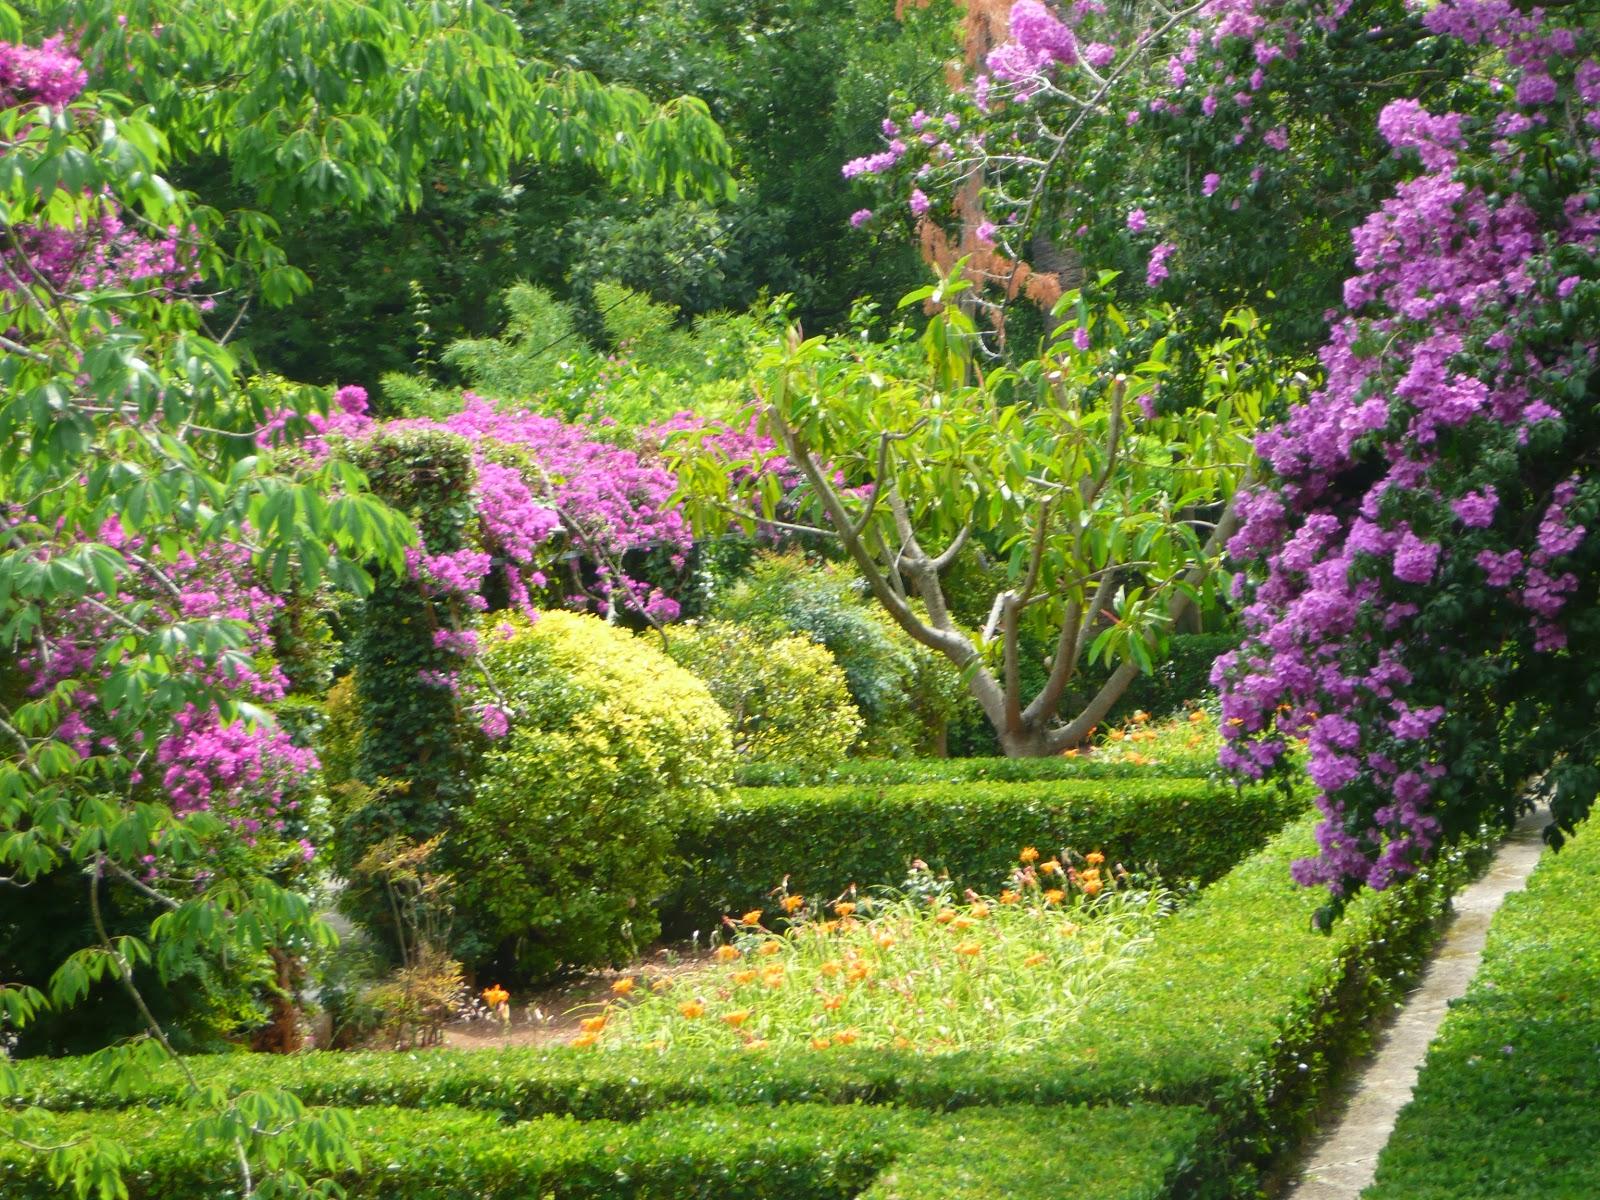 Le jardin des couronnes : Majorque